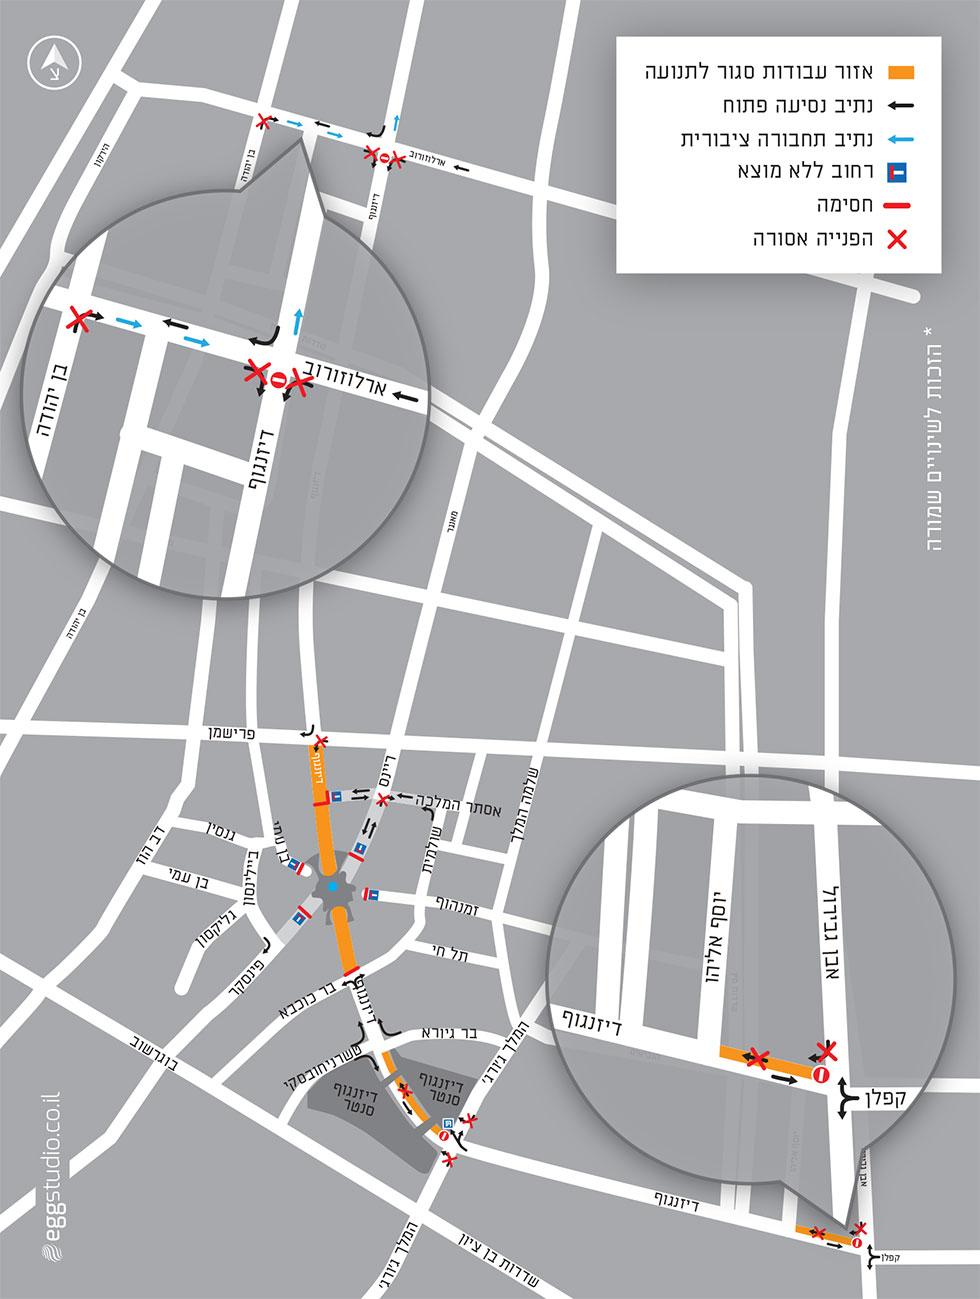 הסדרי התנועה החדשים בדיזנגוף